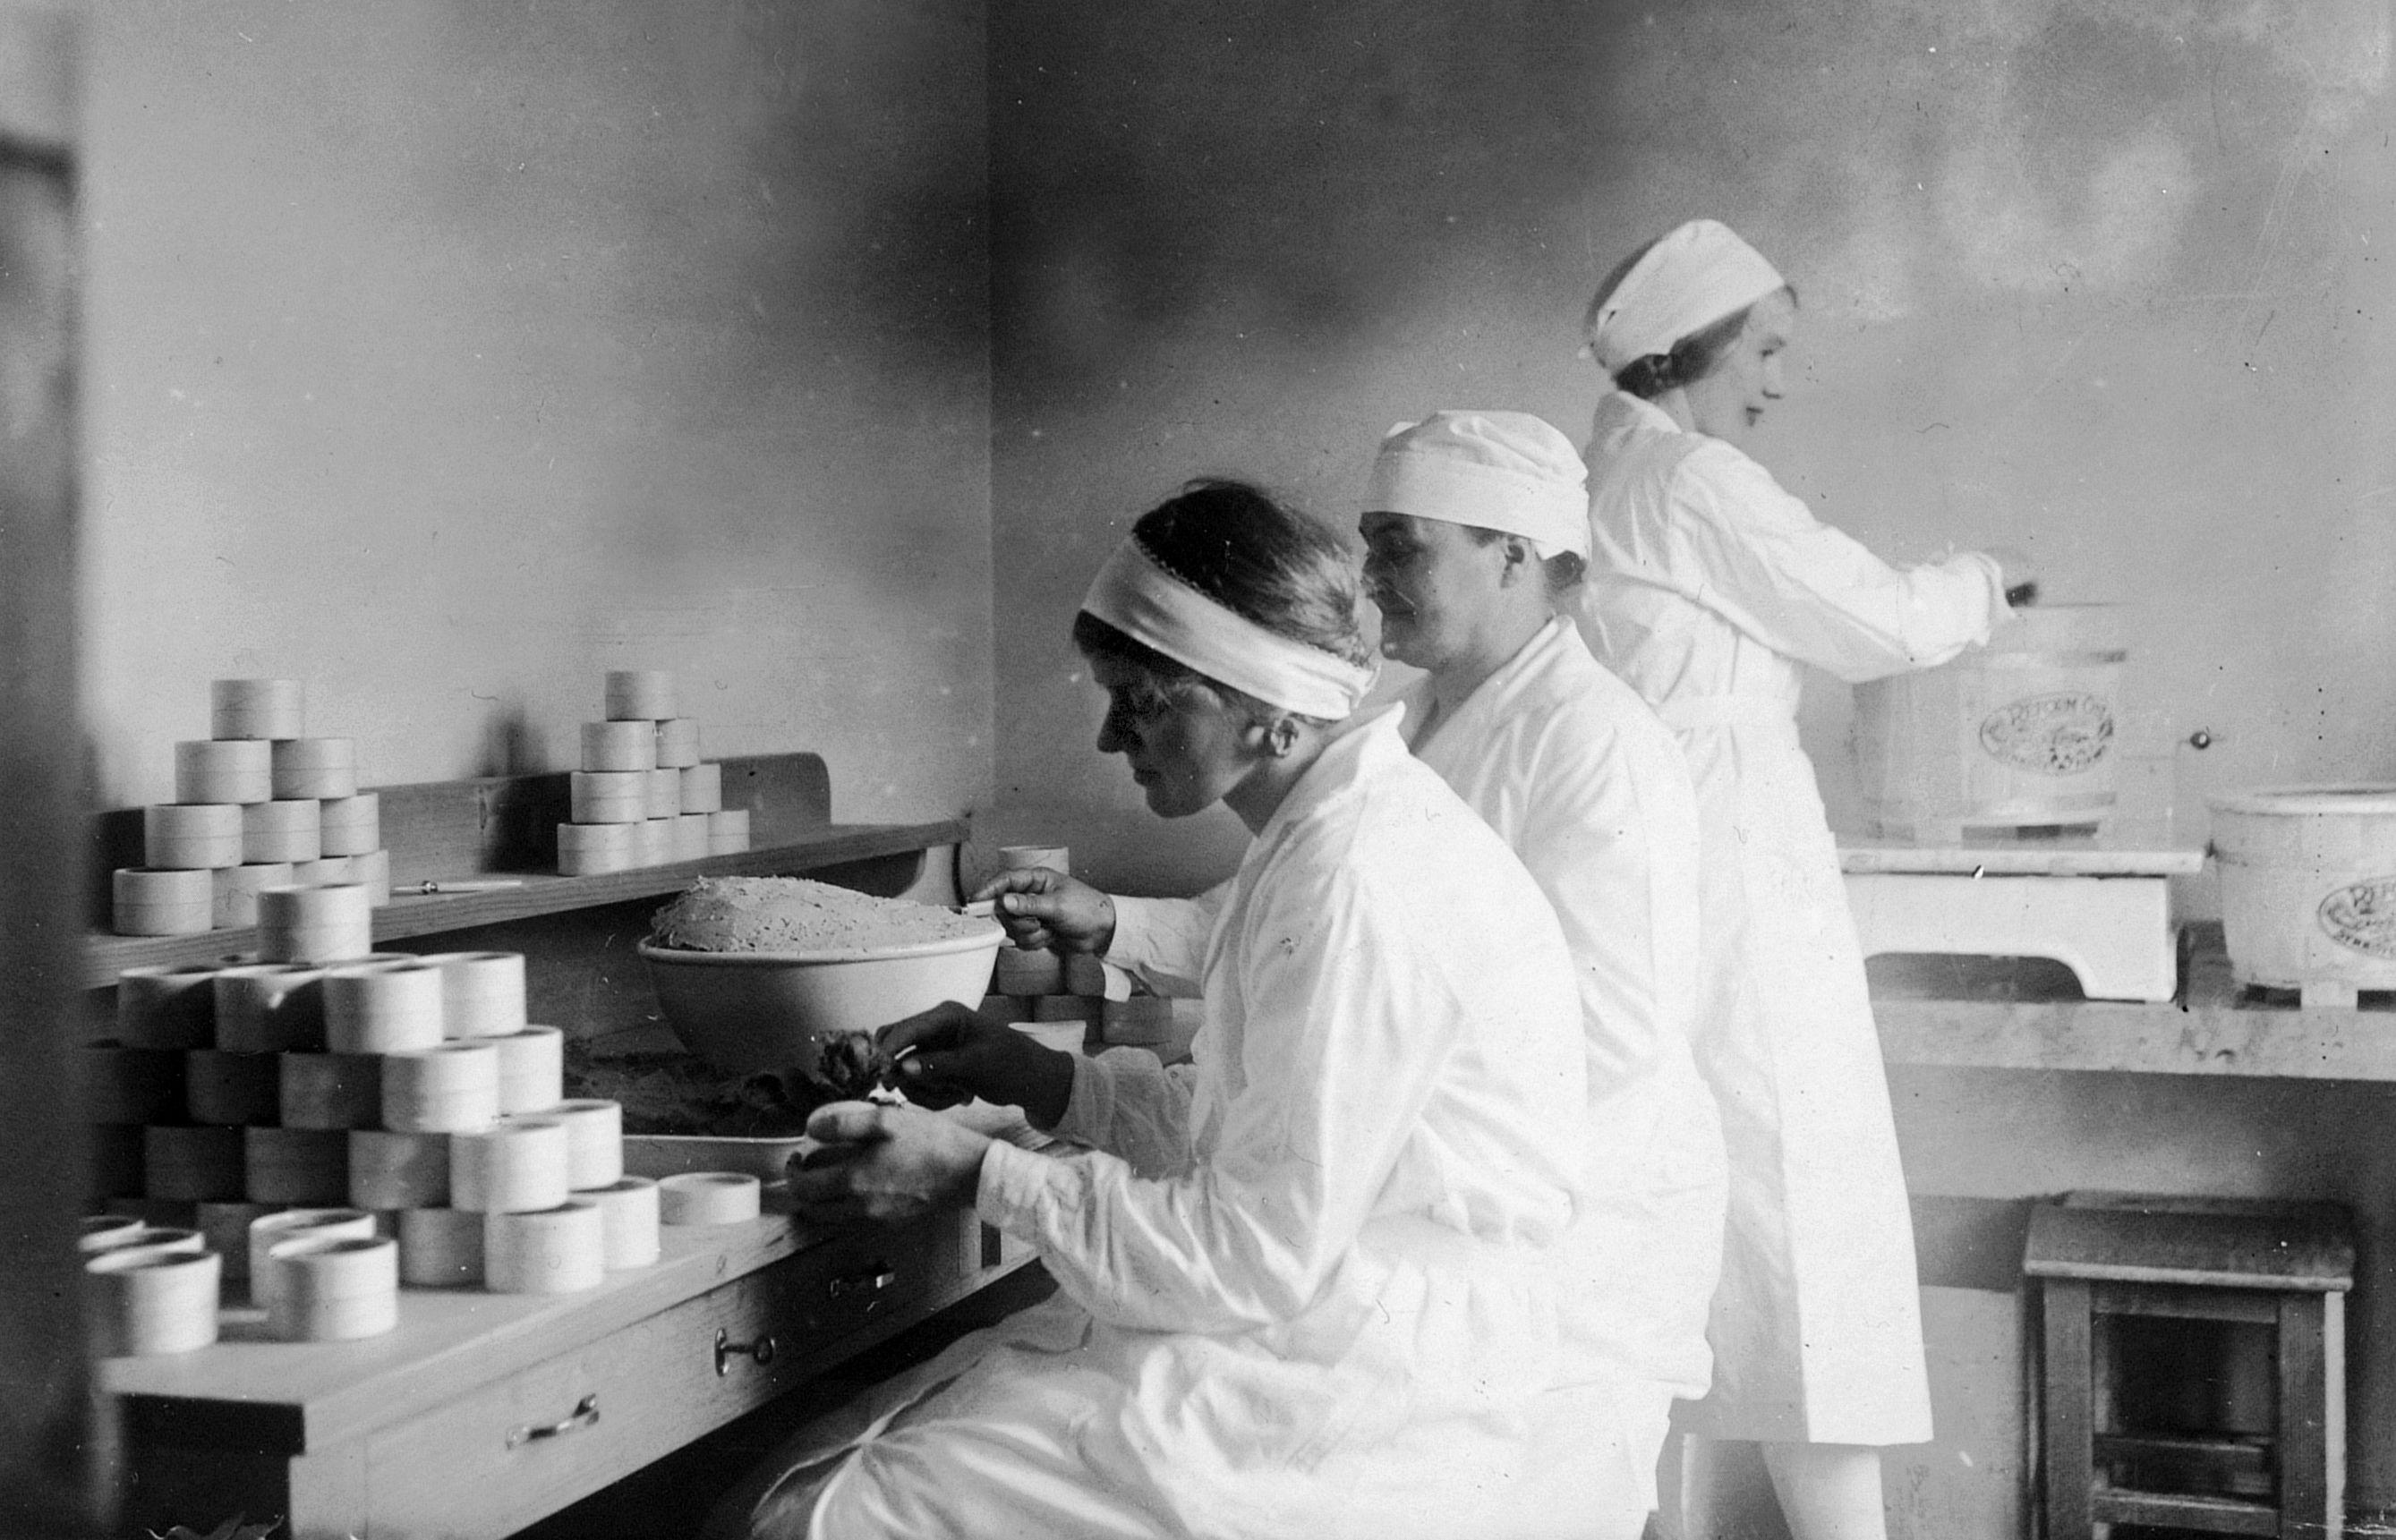 På 30-tallet produserte de ansatte ost under dårlige kår og med lav lønn, men Pernille og Synnøve stod for alle måltider, og lot arbeiderene bo gratis.